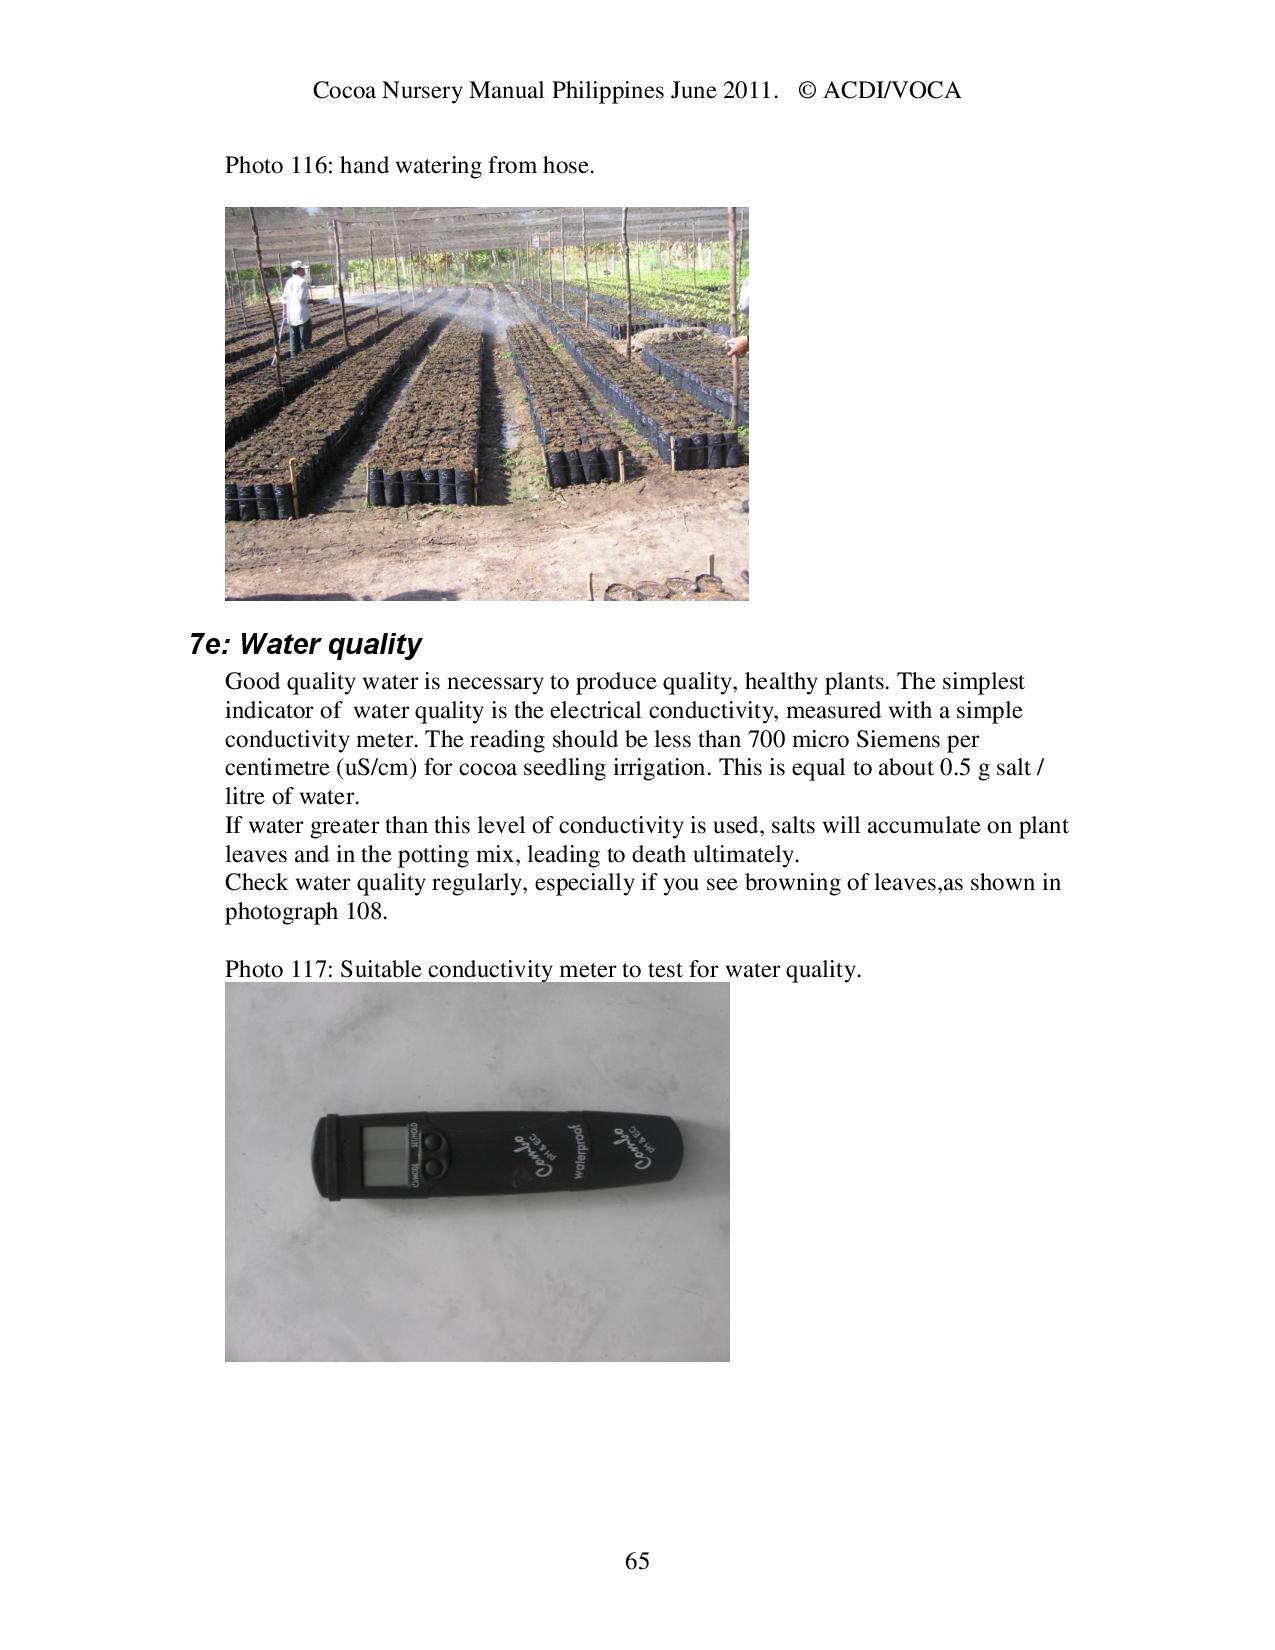 Cocoa-Nursery-Manual-2011_acdi-voca-page-065